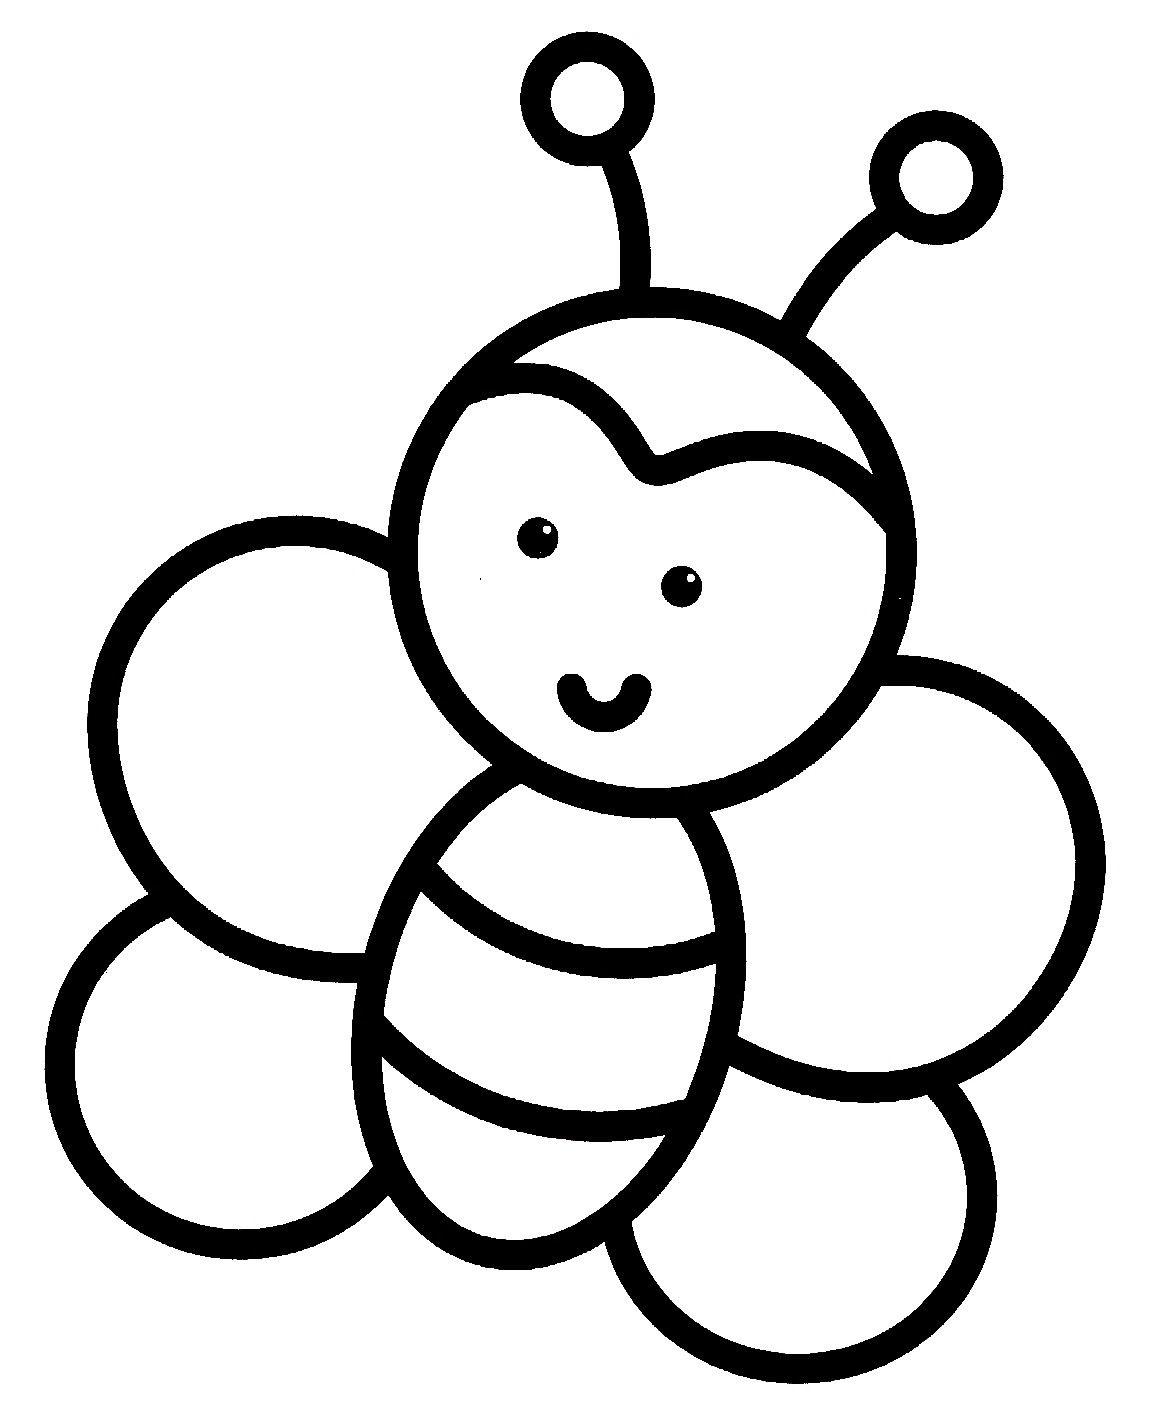 رسومات بسيطة للاطفال خطوة بخطوة